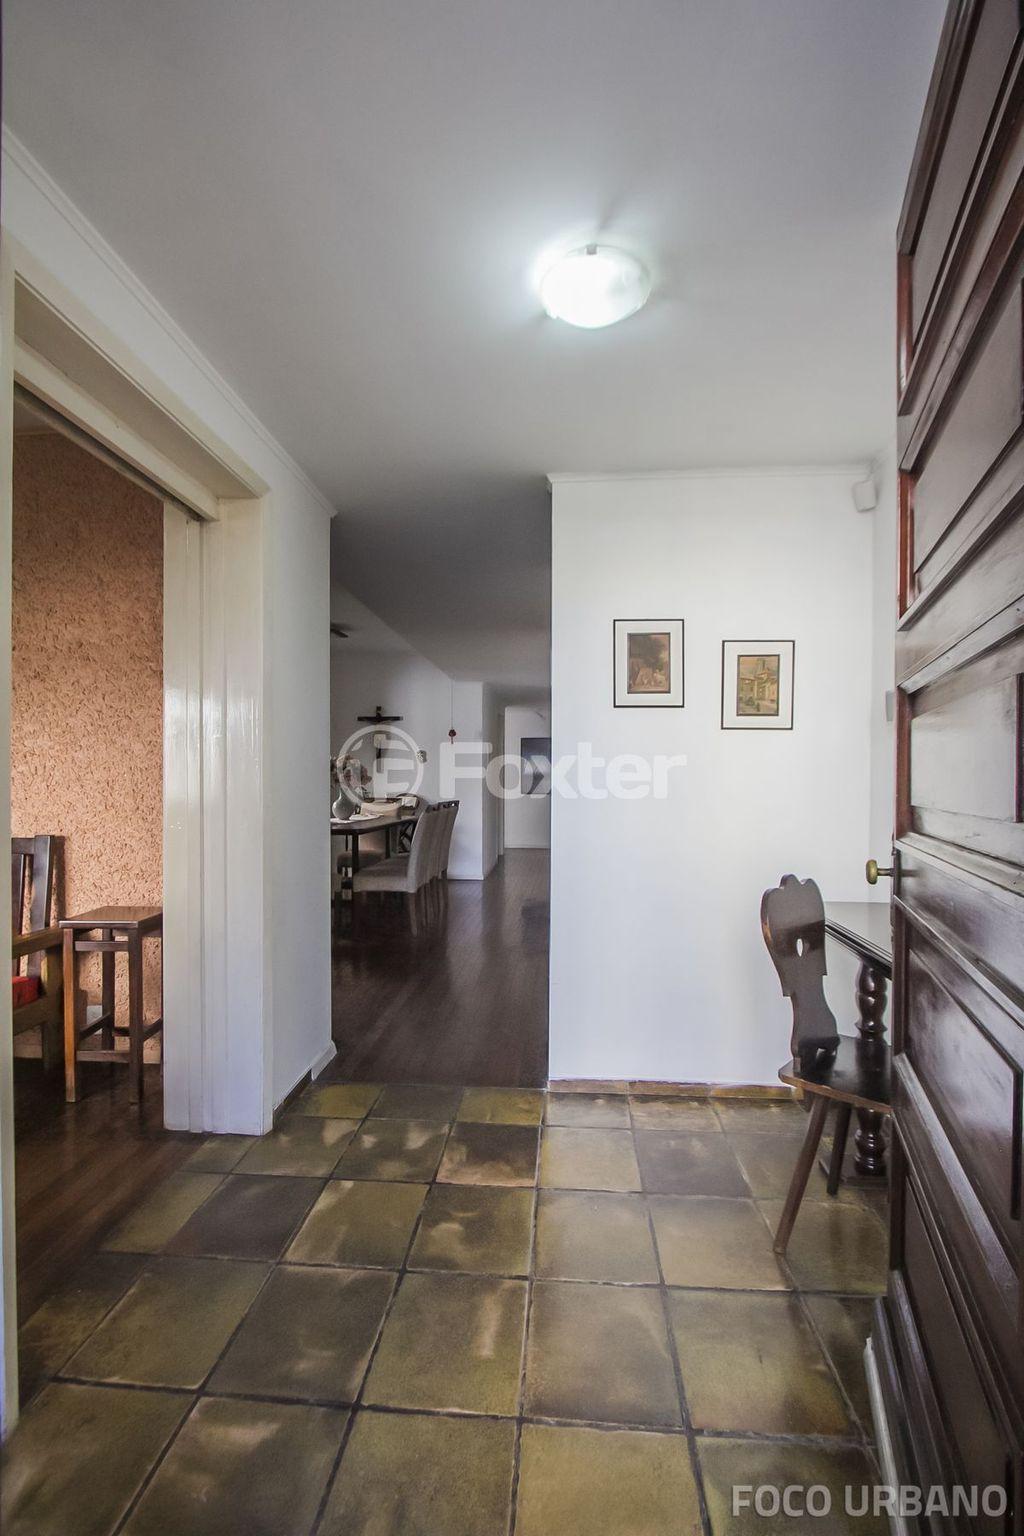 Casa 3 Dorm, Teresópolis, Porto Alegre (142881) - Foto 2